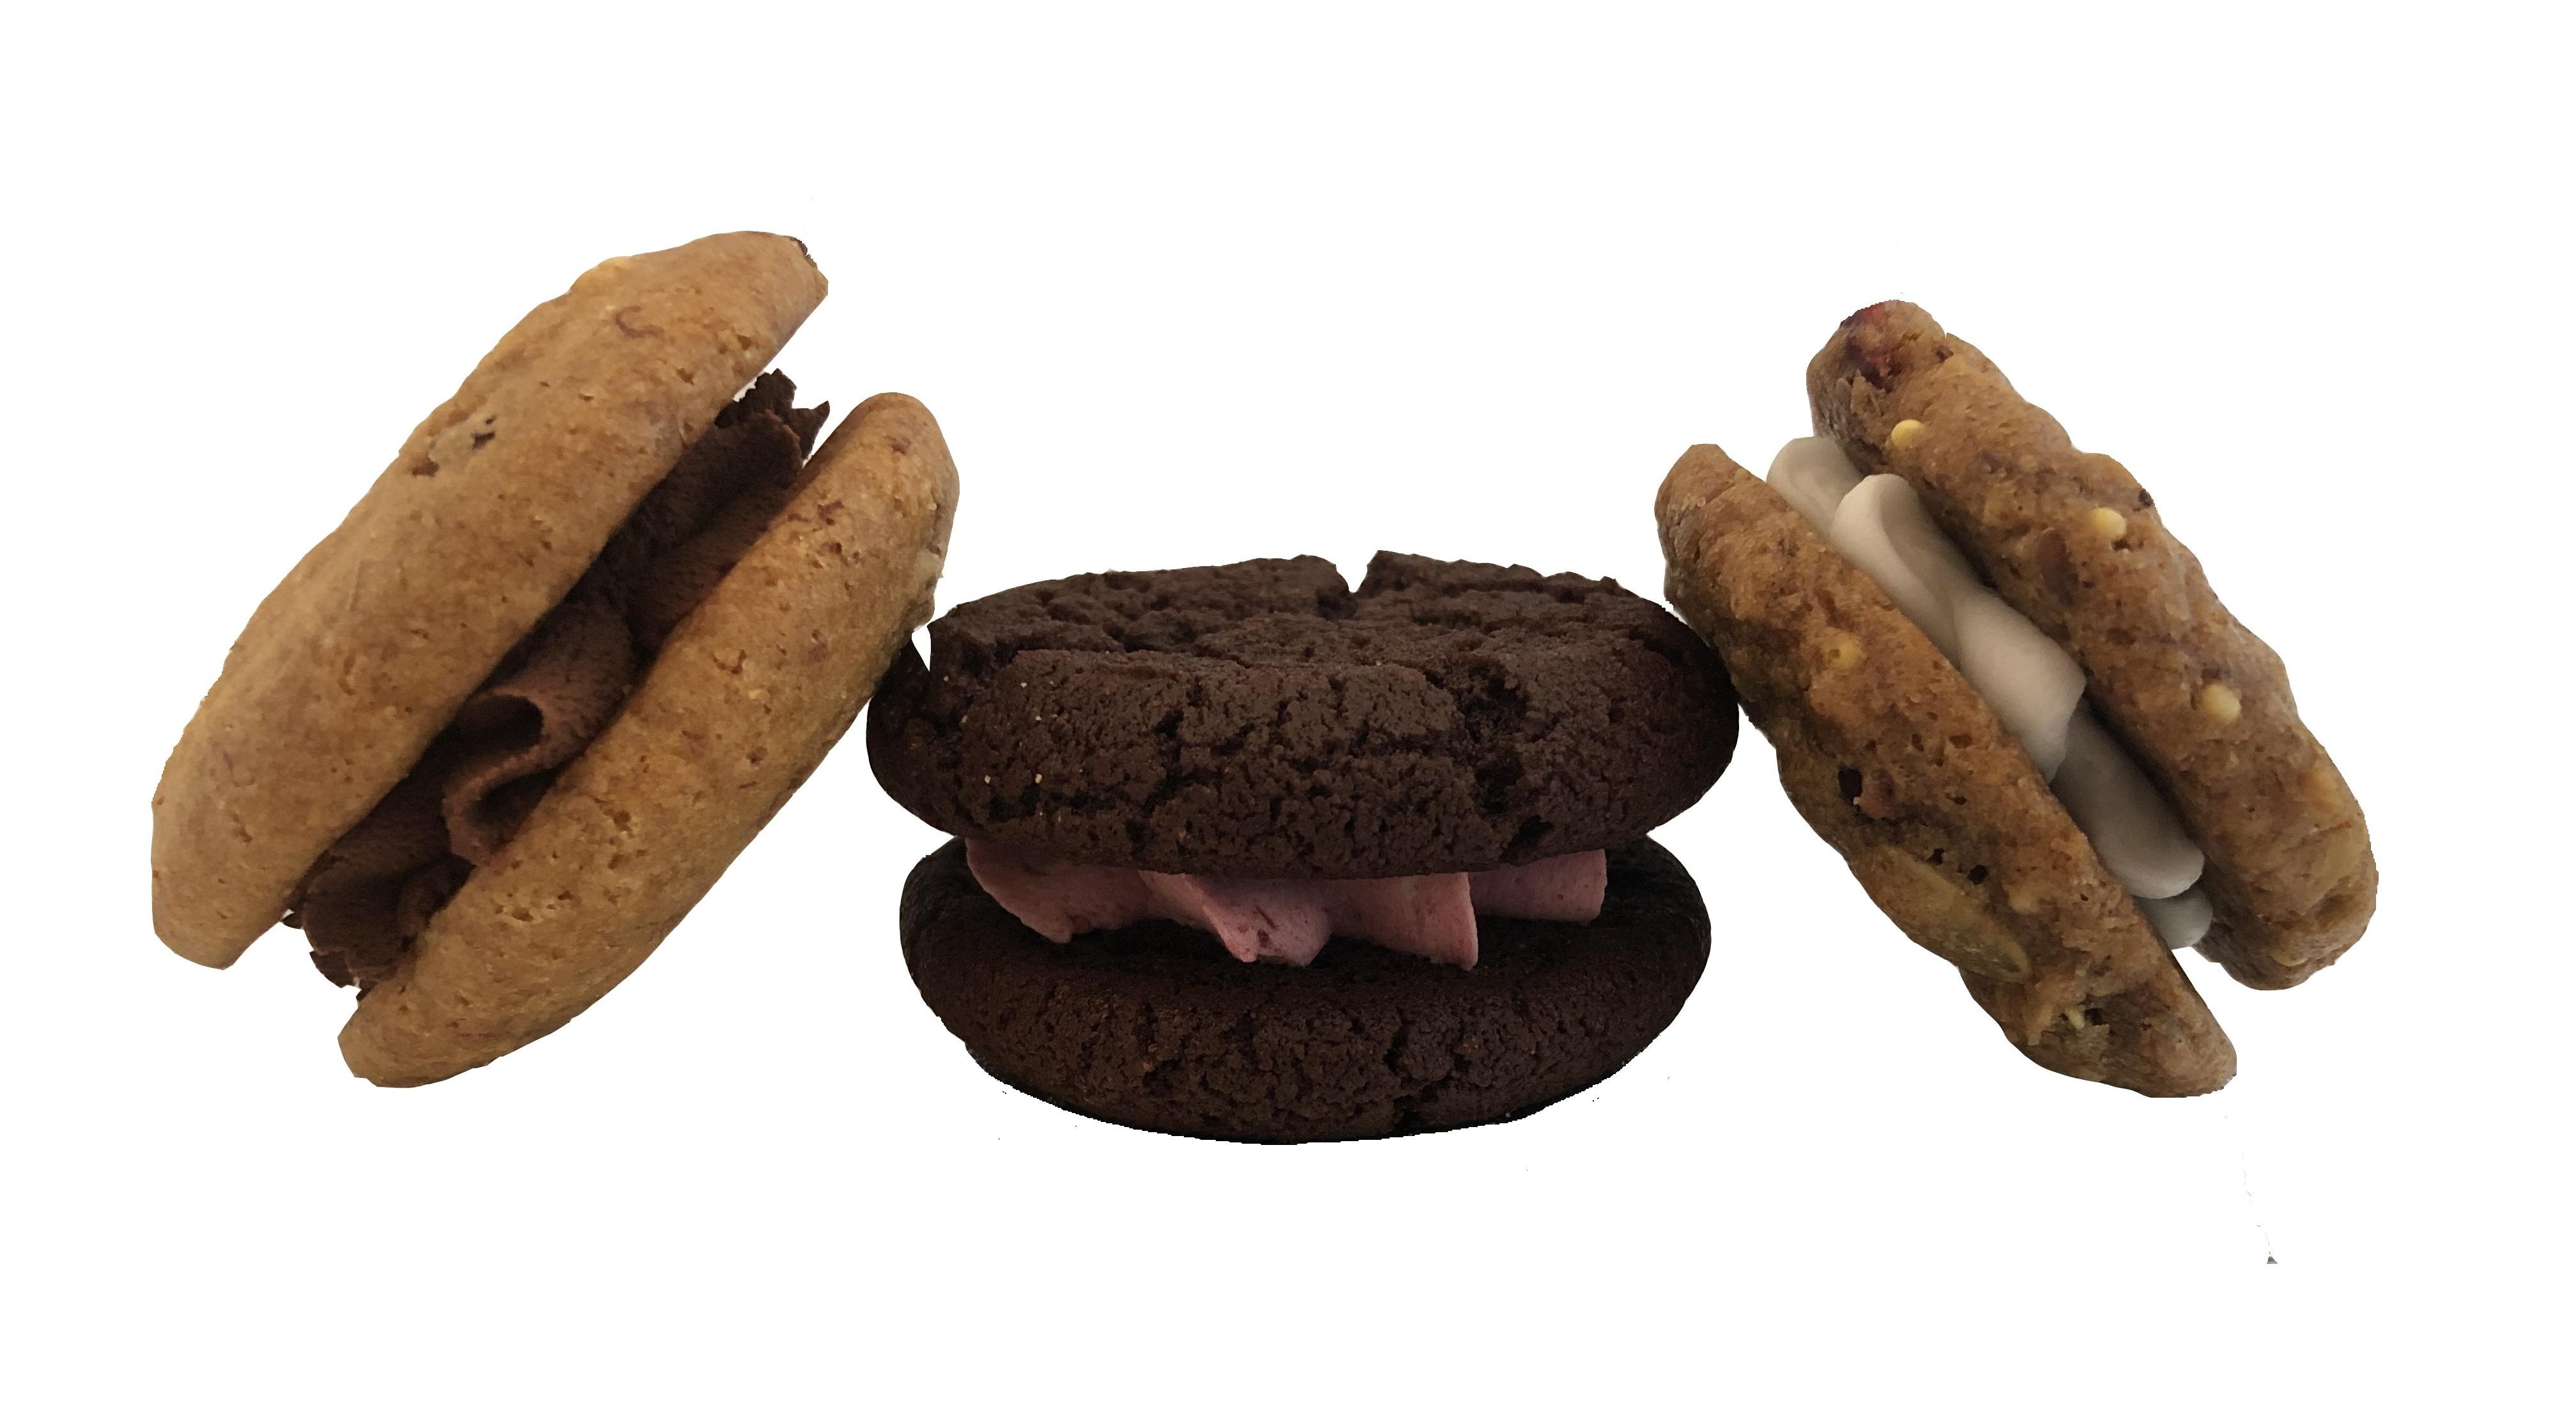 https://0901.nccdn.net/4_2/000/000/071/260/Sandwich-cookies-4032x2224.jpg